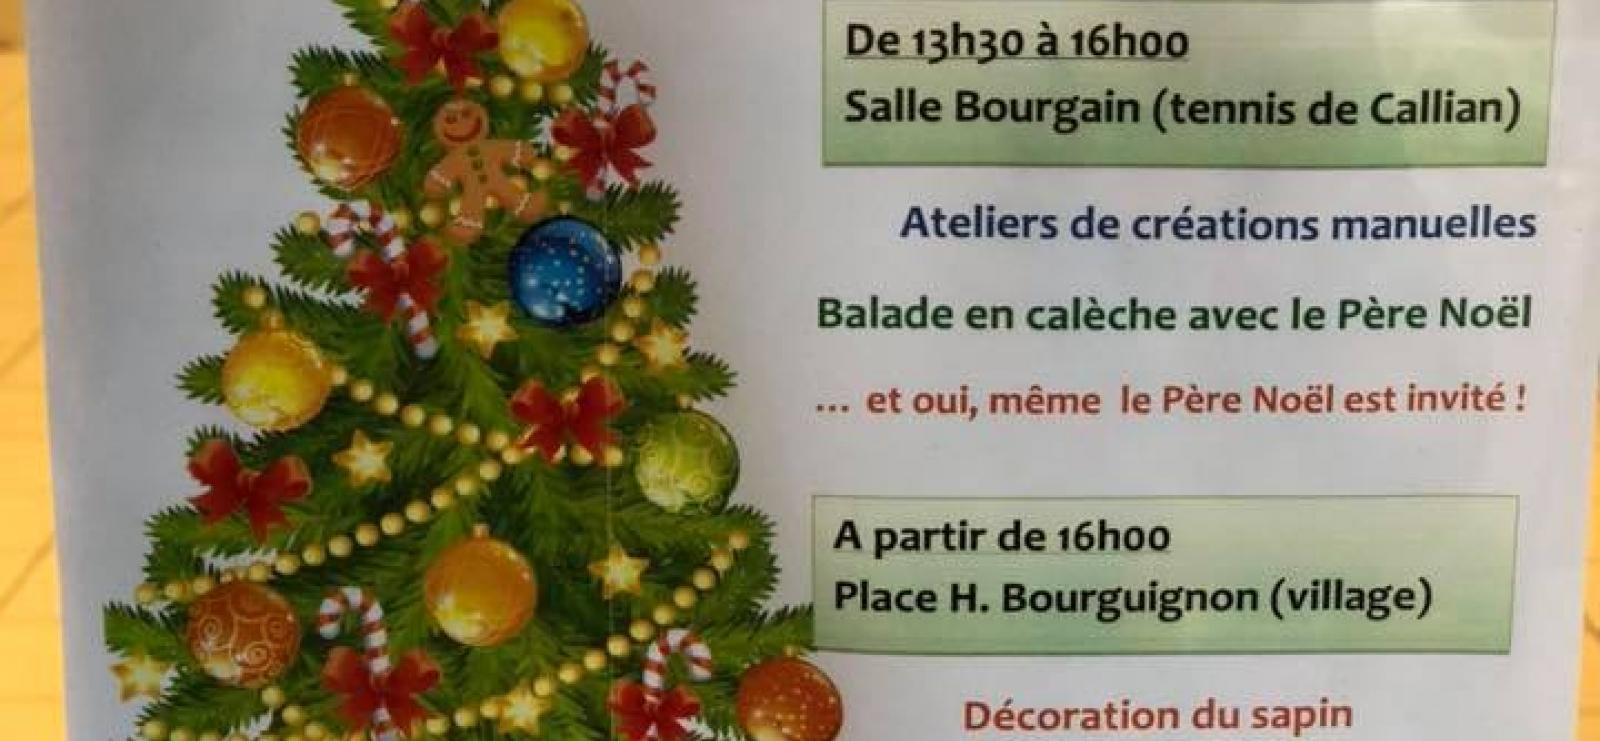 Déco de l'arbre de Noël